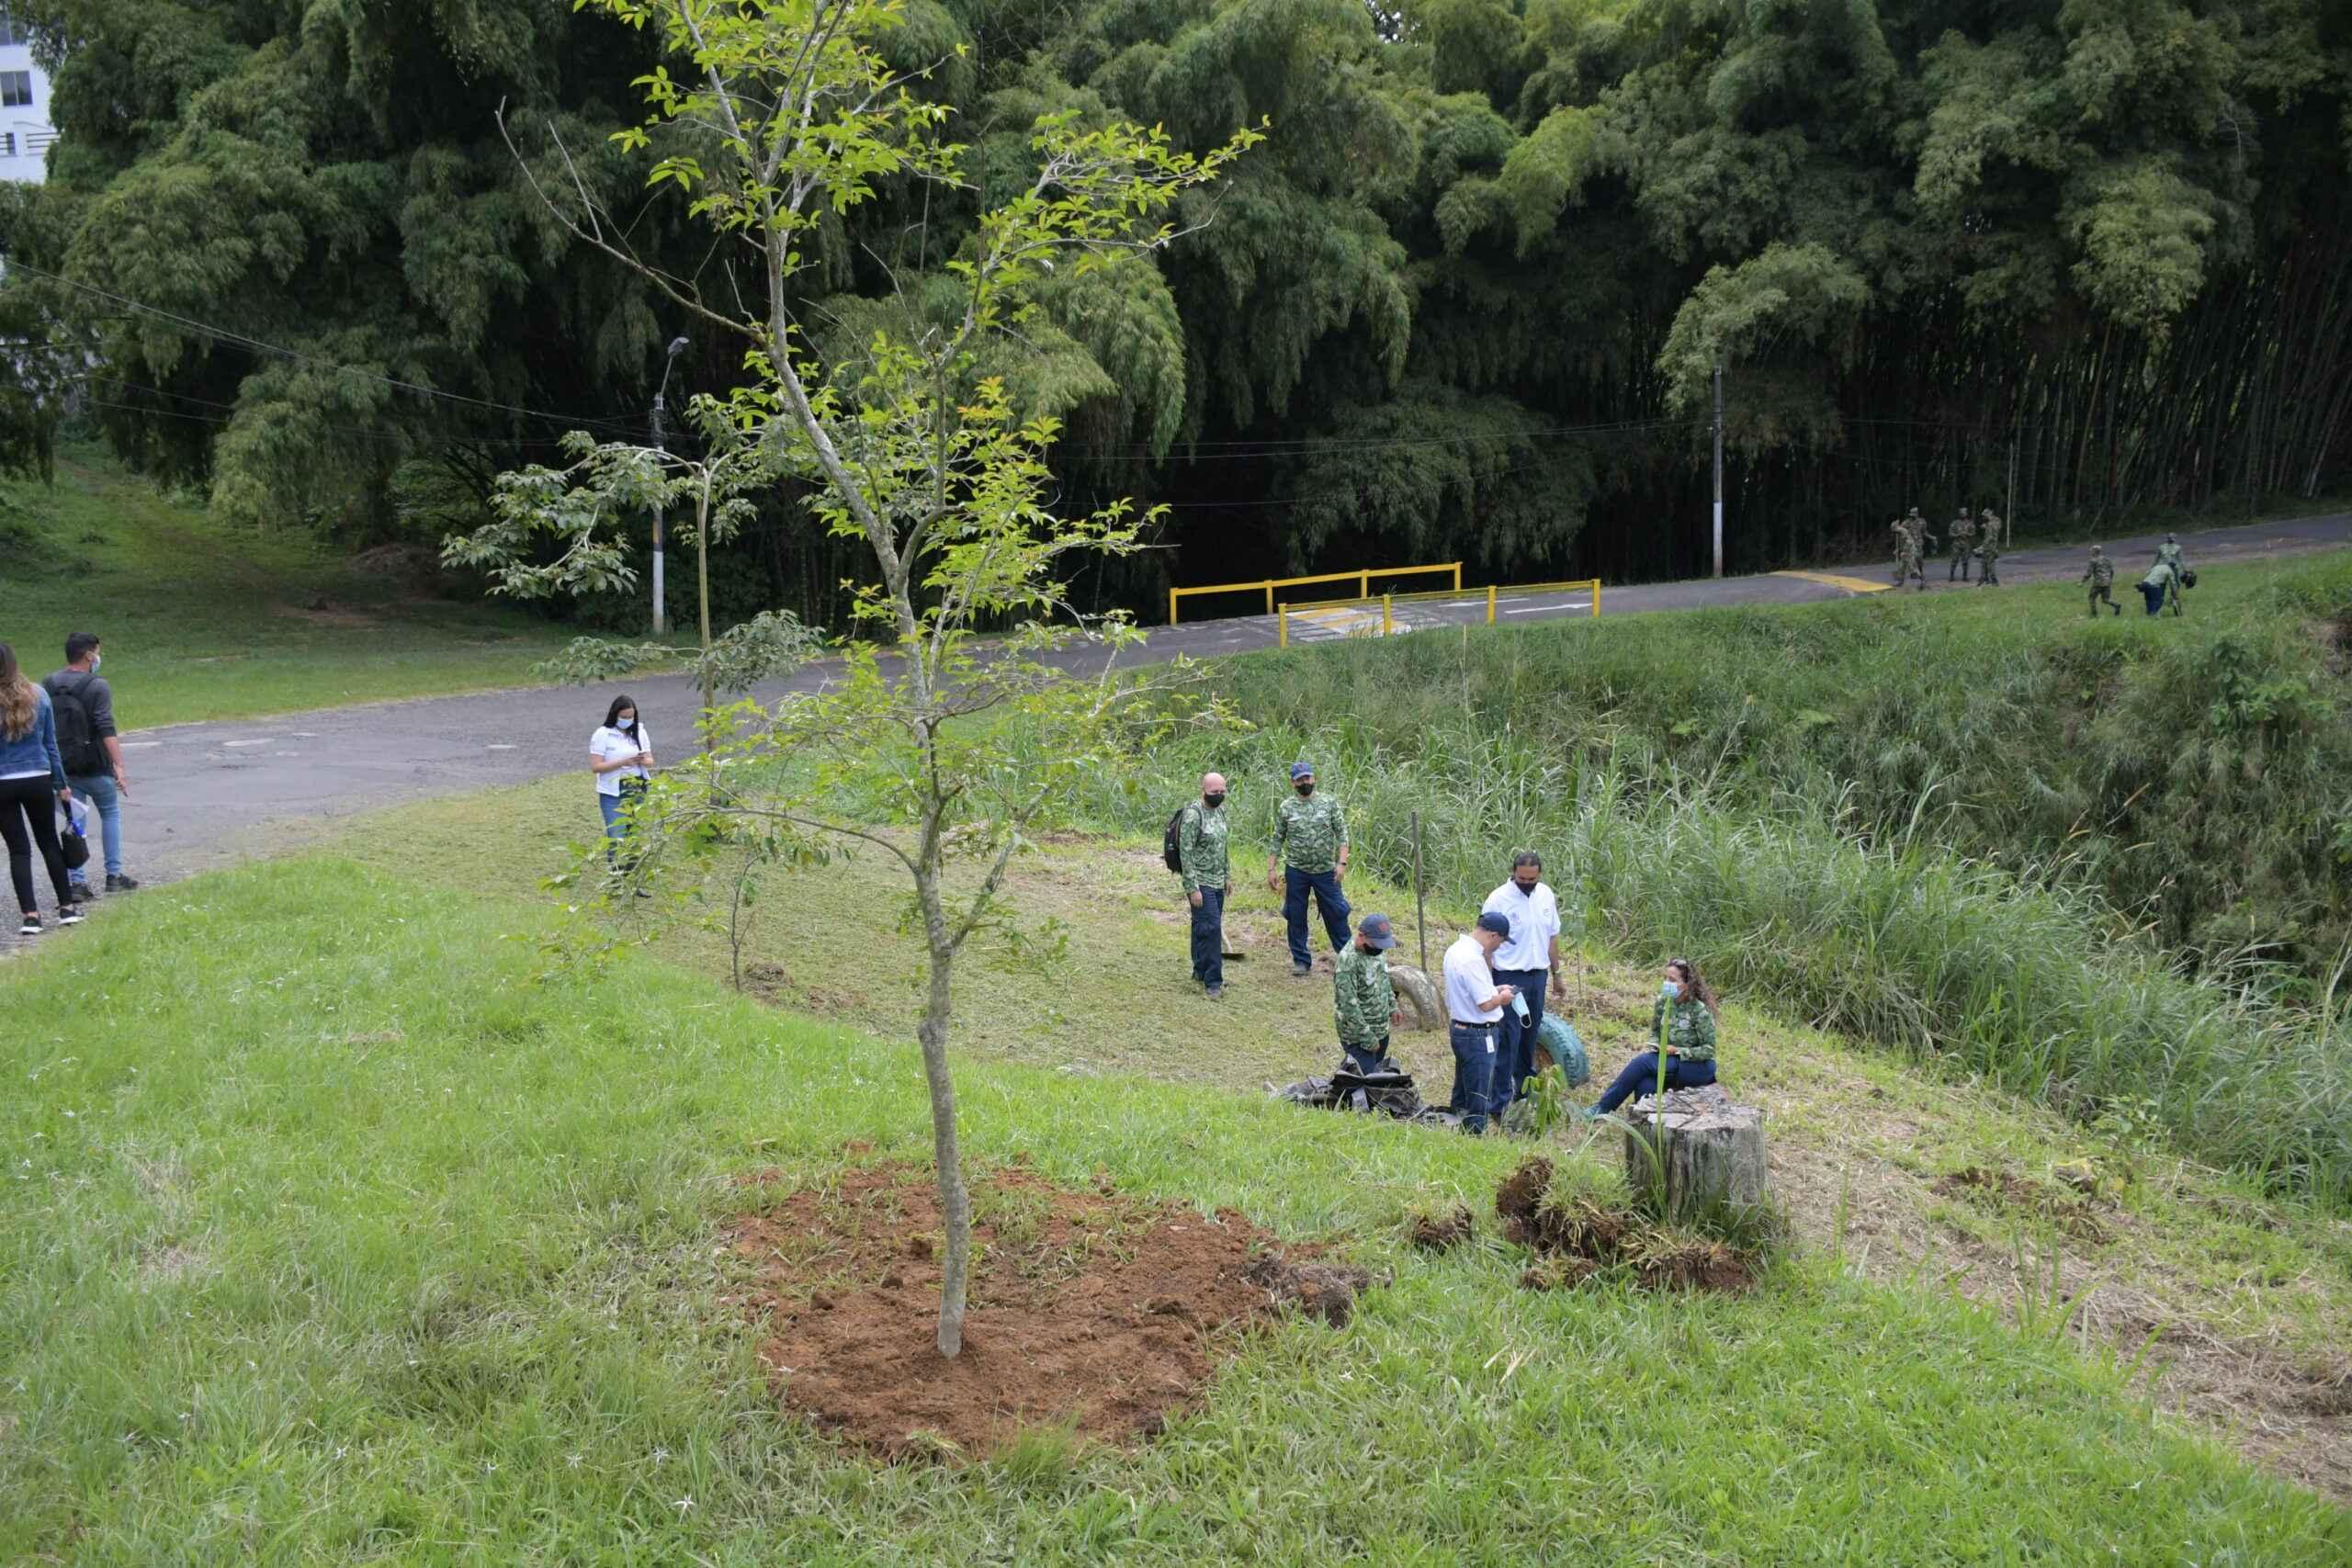 Día de proteger y conservar los ecosistemas urbanos de la región